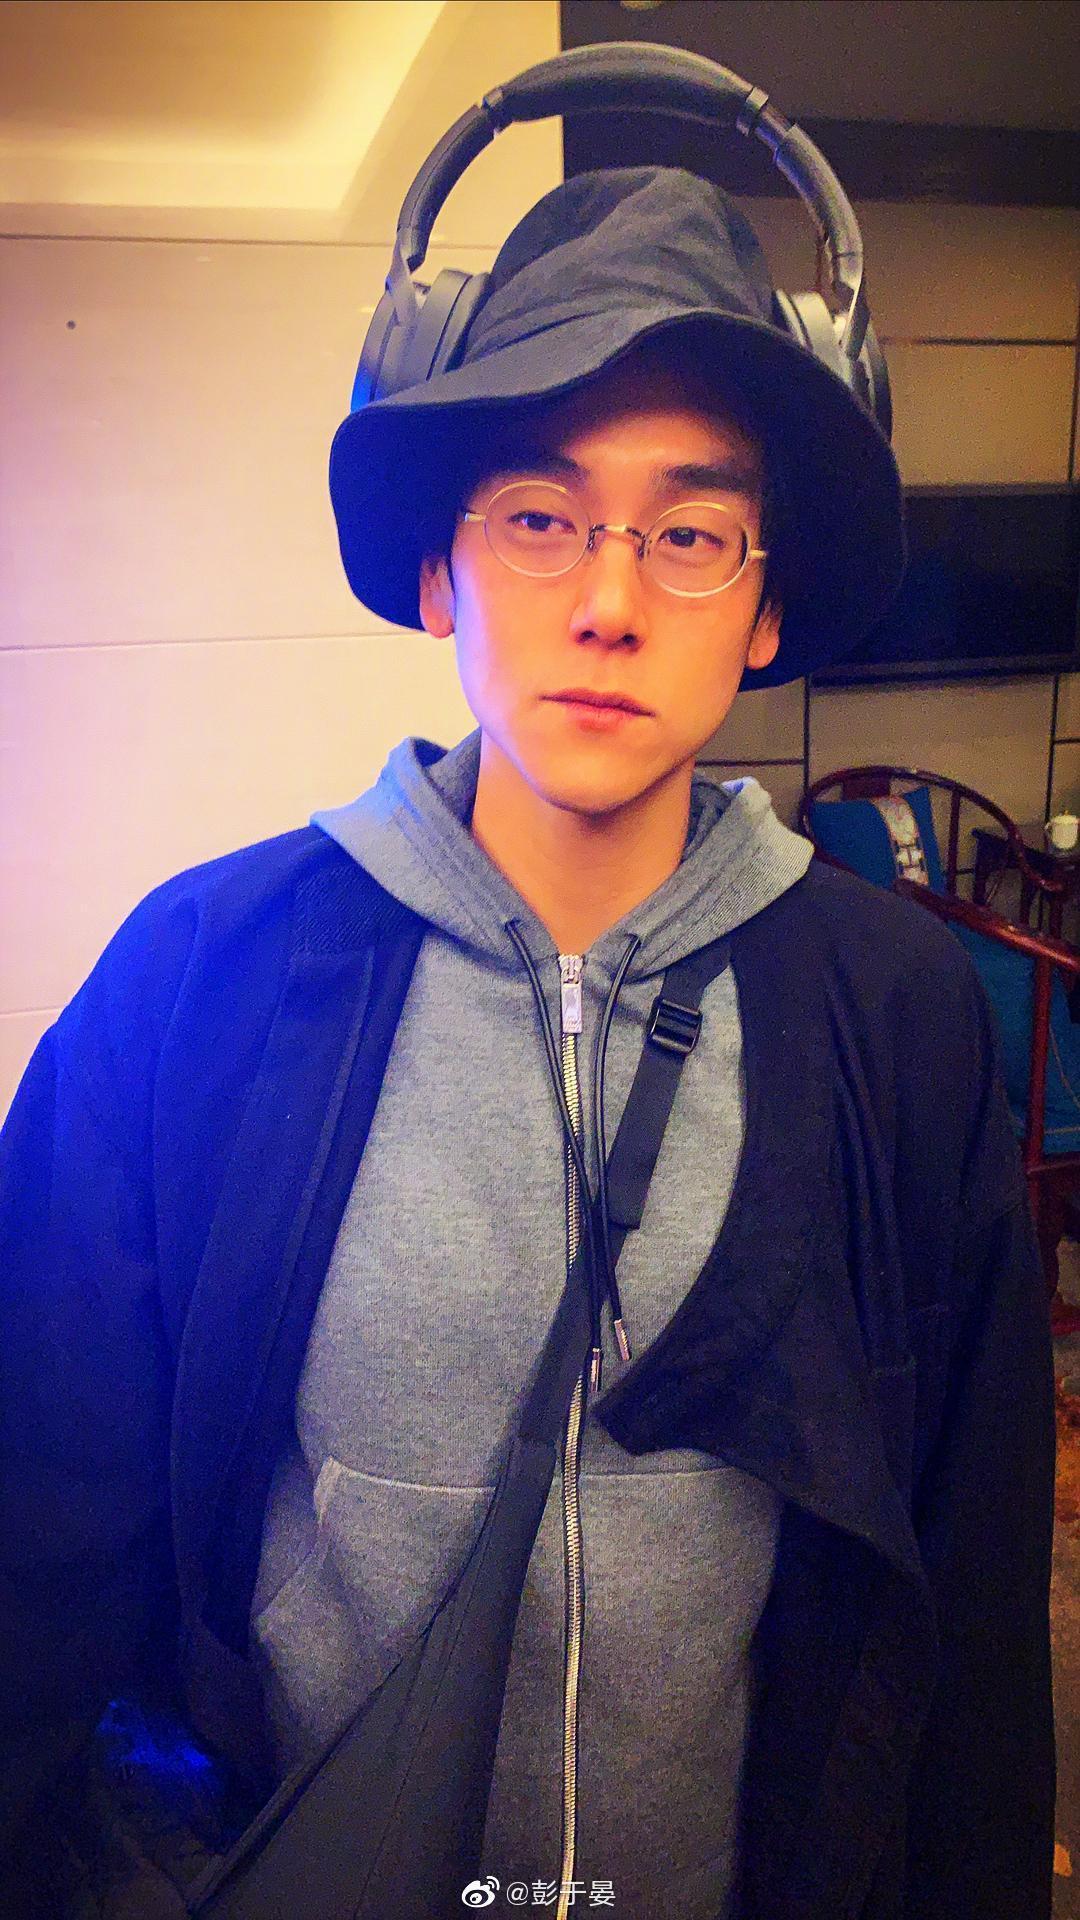 平常帥氣的彭于晏,也會在微博分享自己的矬照,完全不怕毀形象。(彭于晏微博)